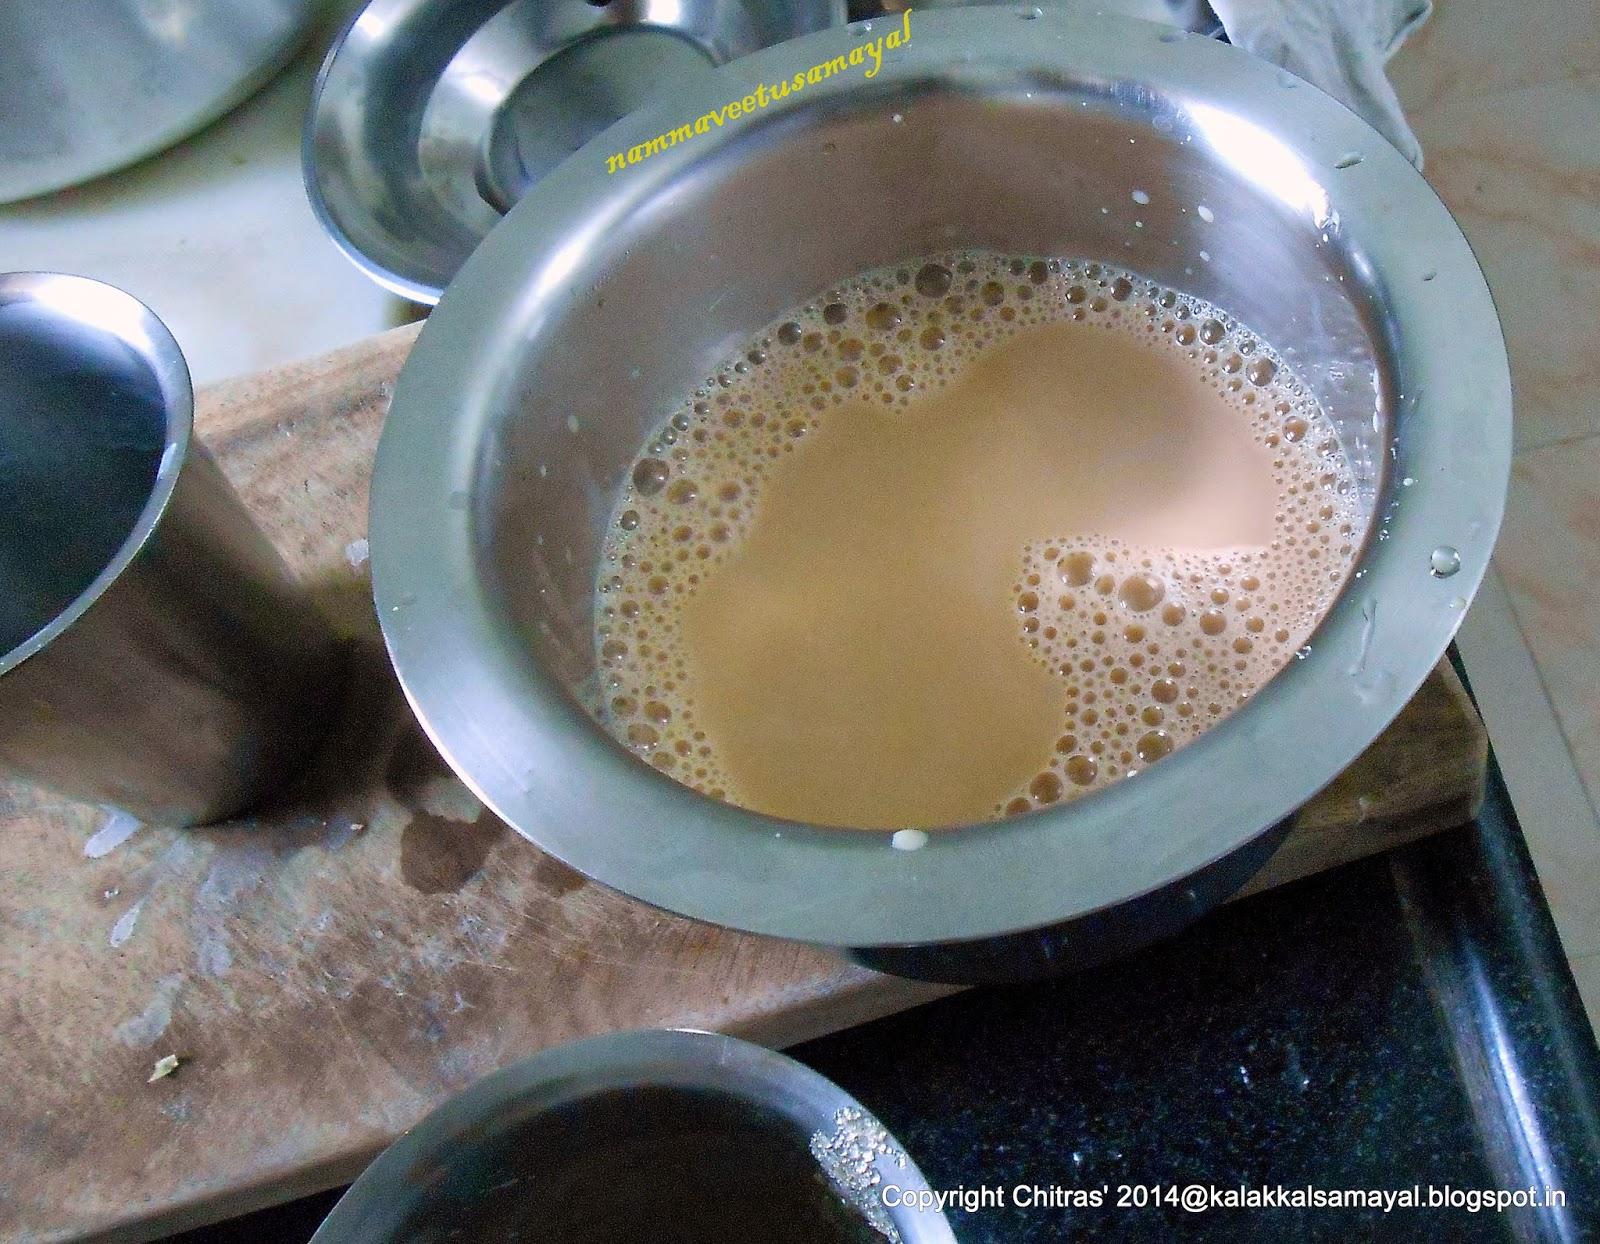 Black tea and milk mixed